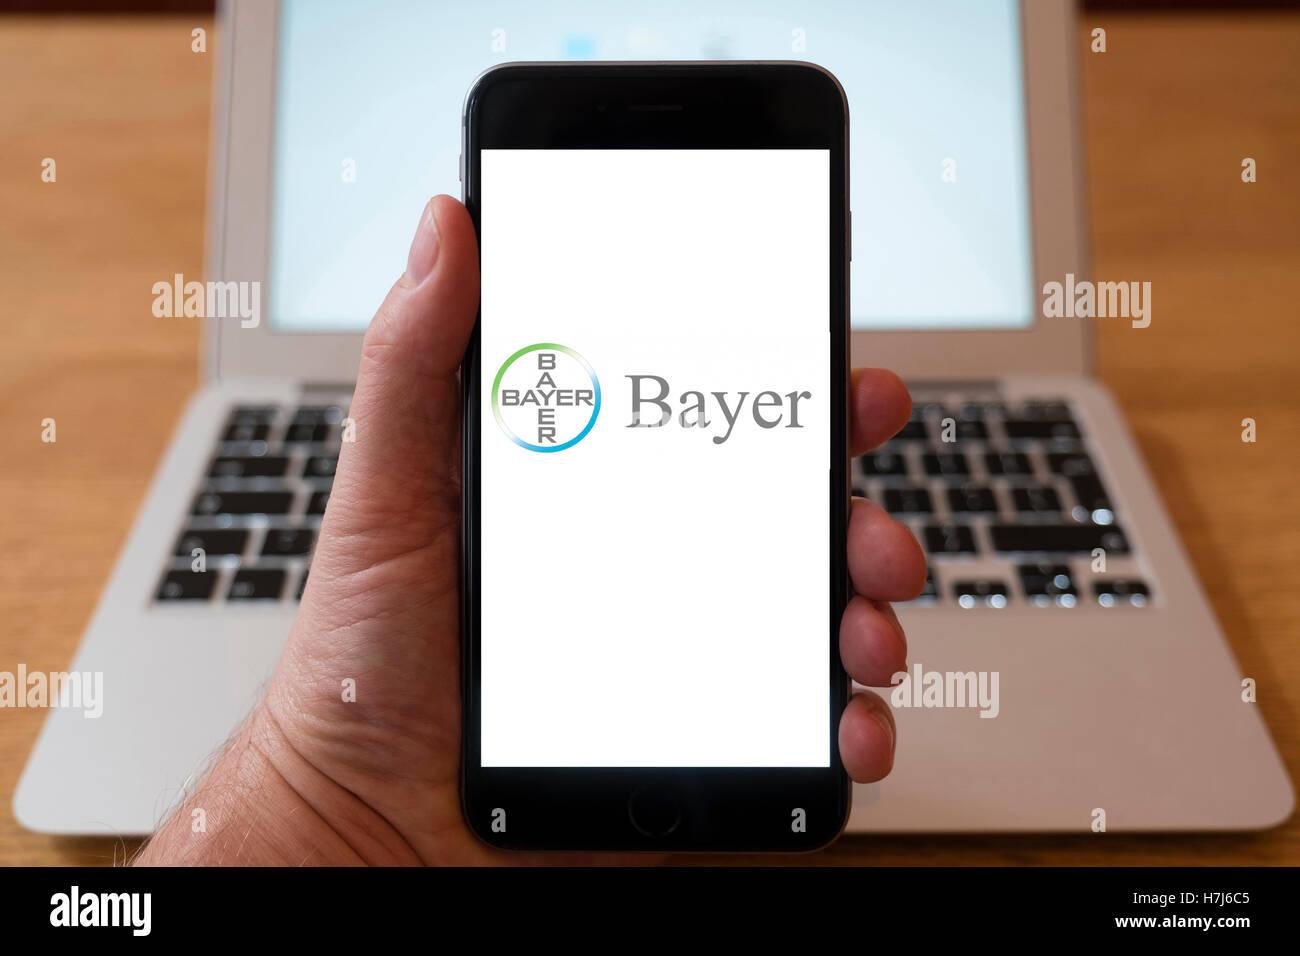 L'utilisation de l'iPhone téléphone intelligent pour afficher l'emblème de l'entreprise Photo Stock